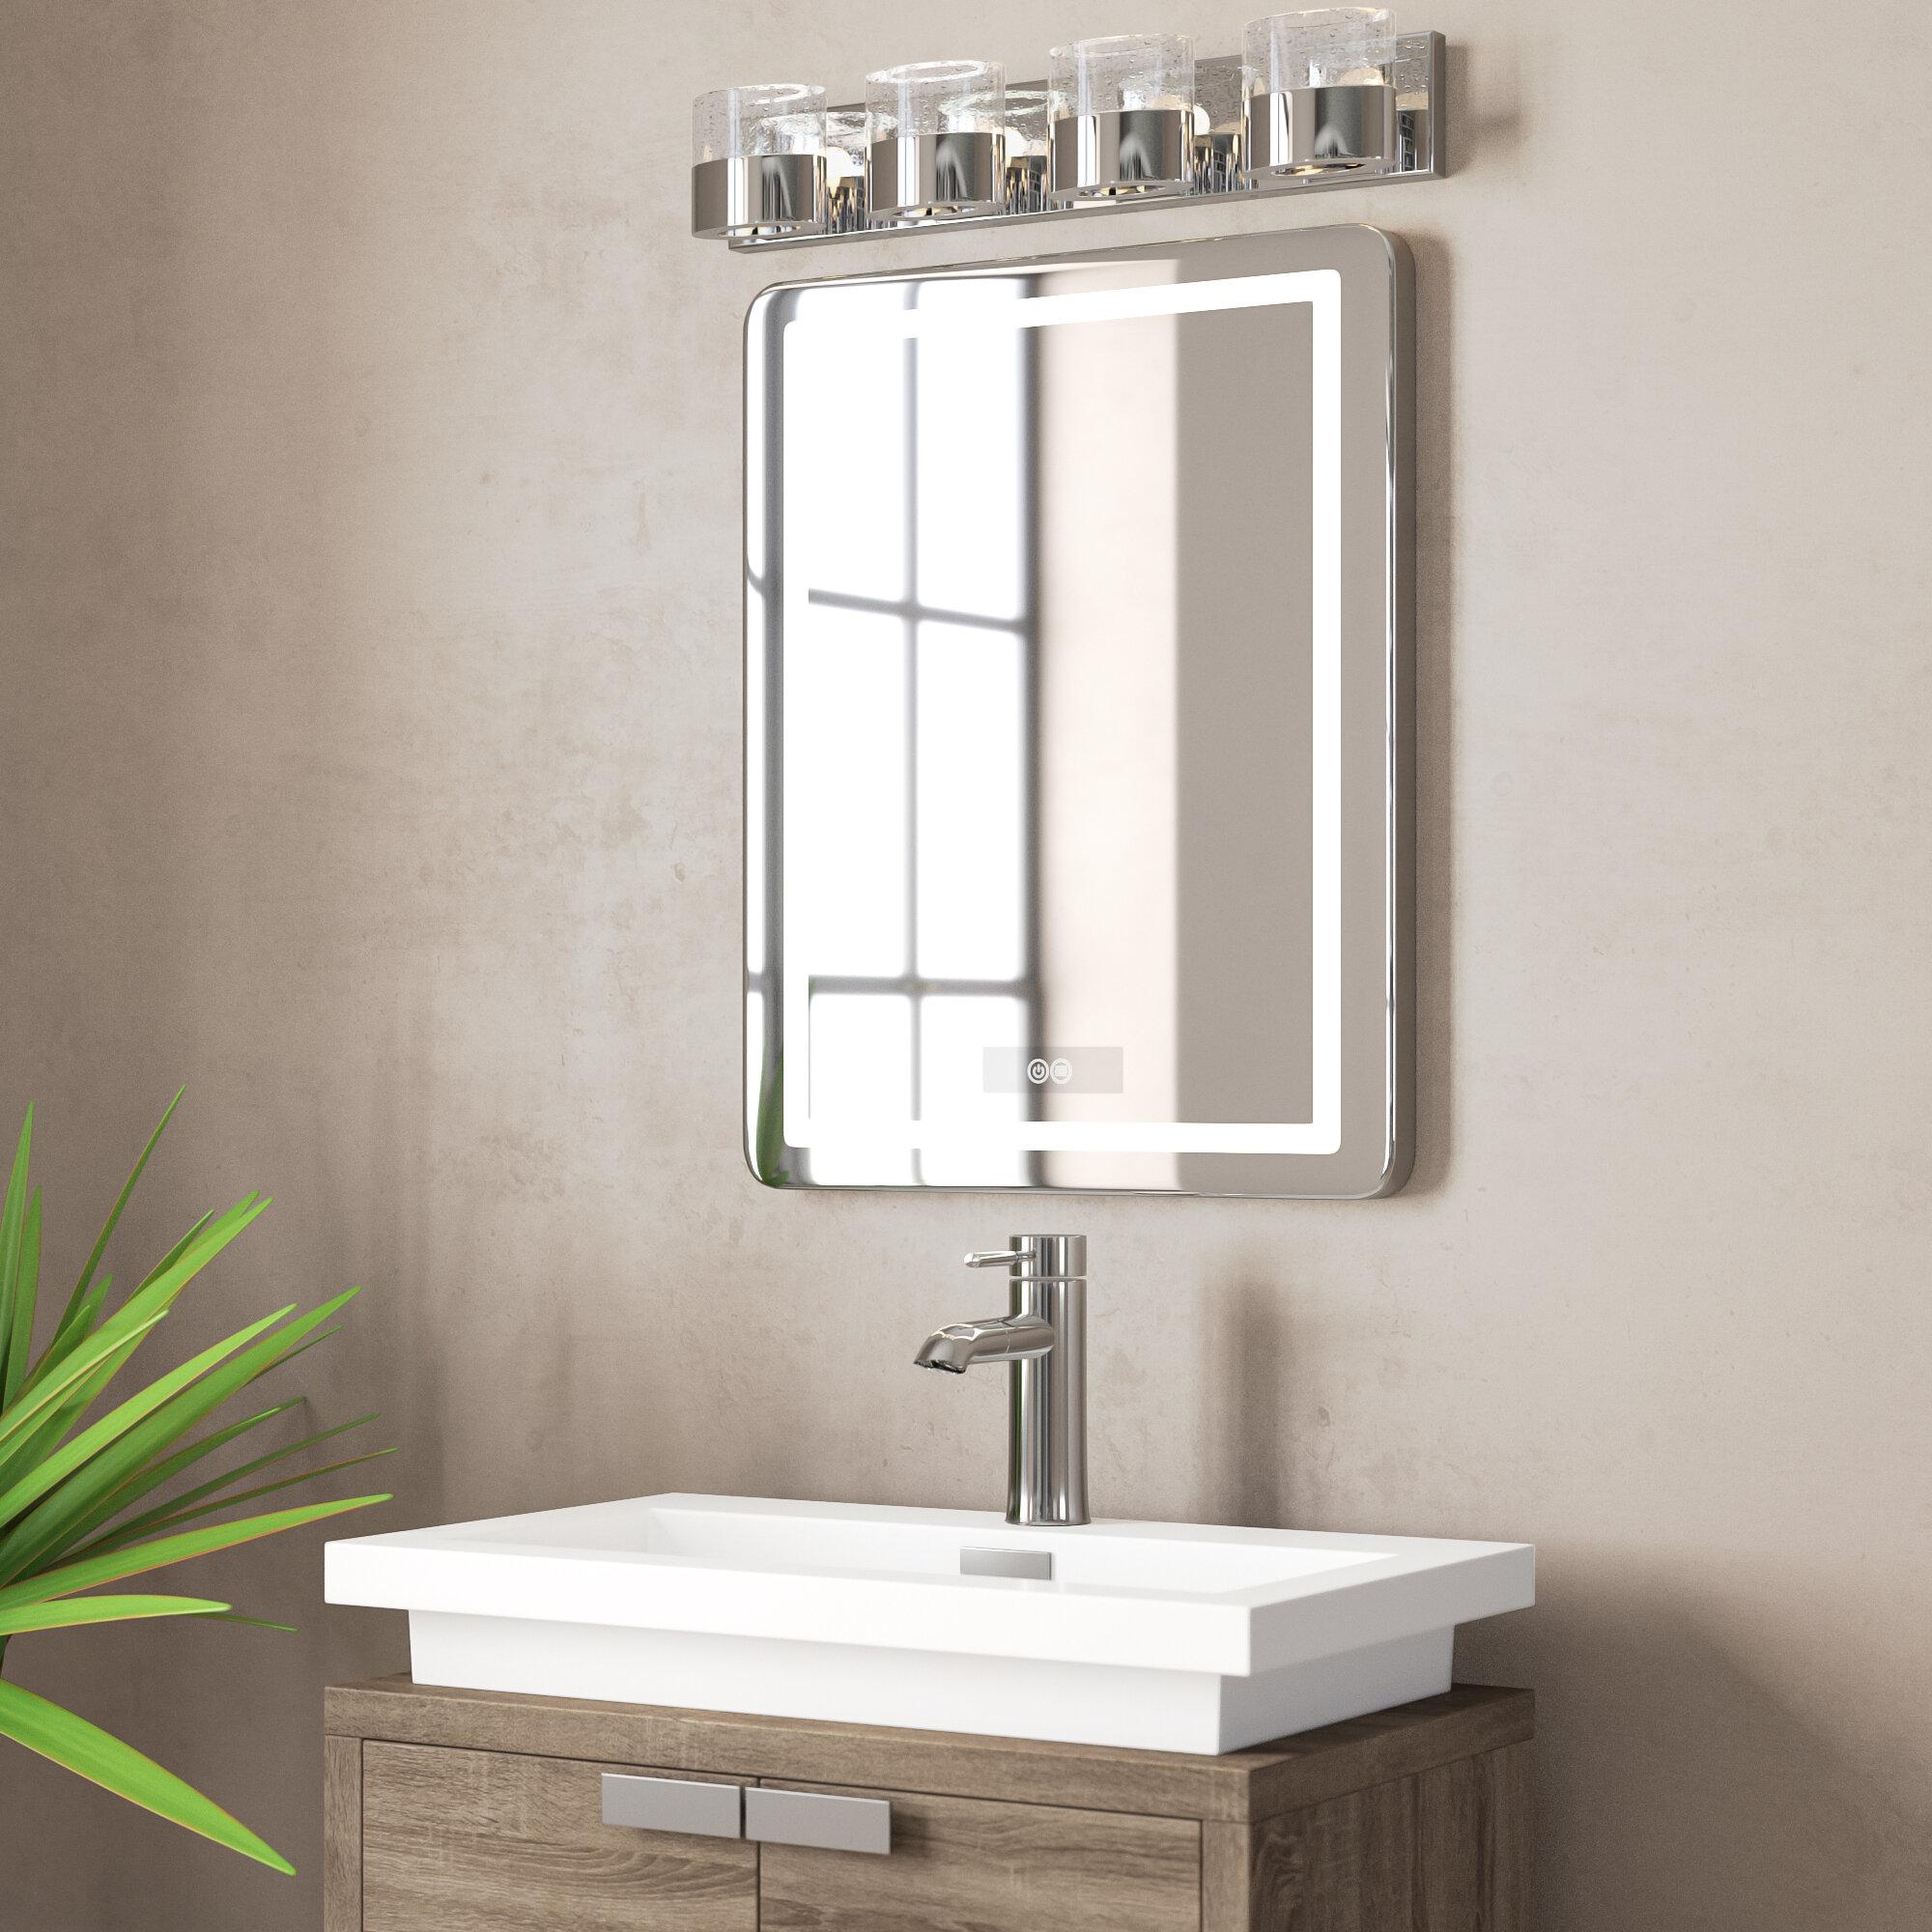 Orren Ellis Bodine Back Lit Daylight Bathroom Mirror Wayfair